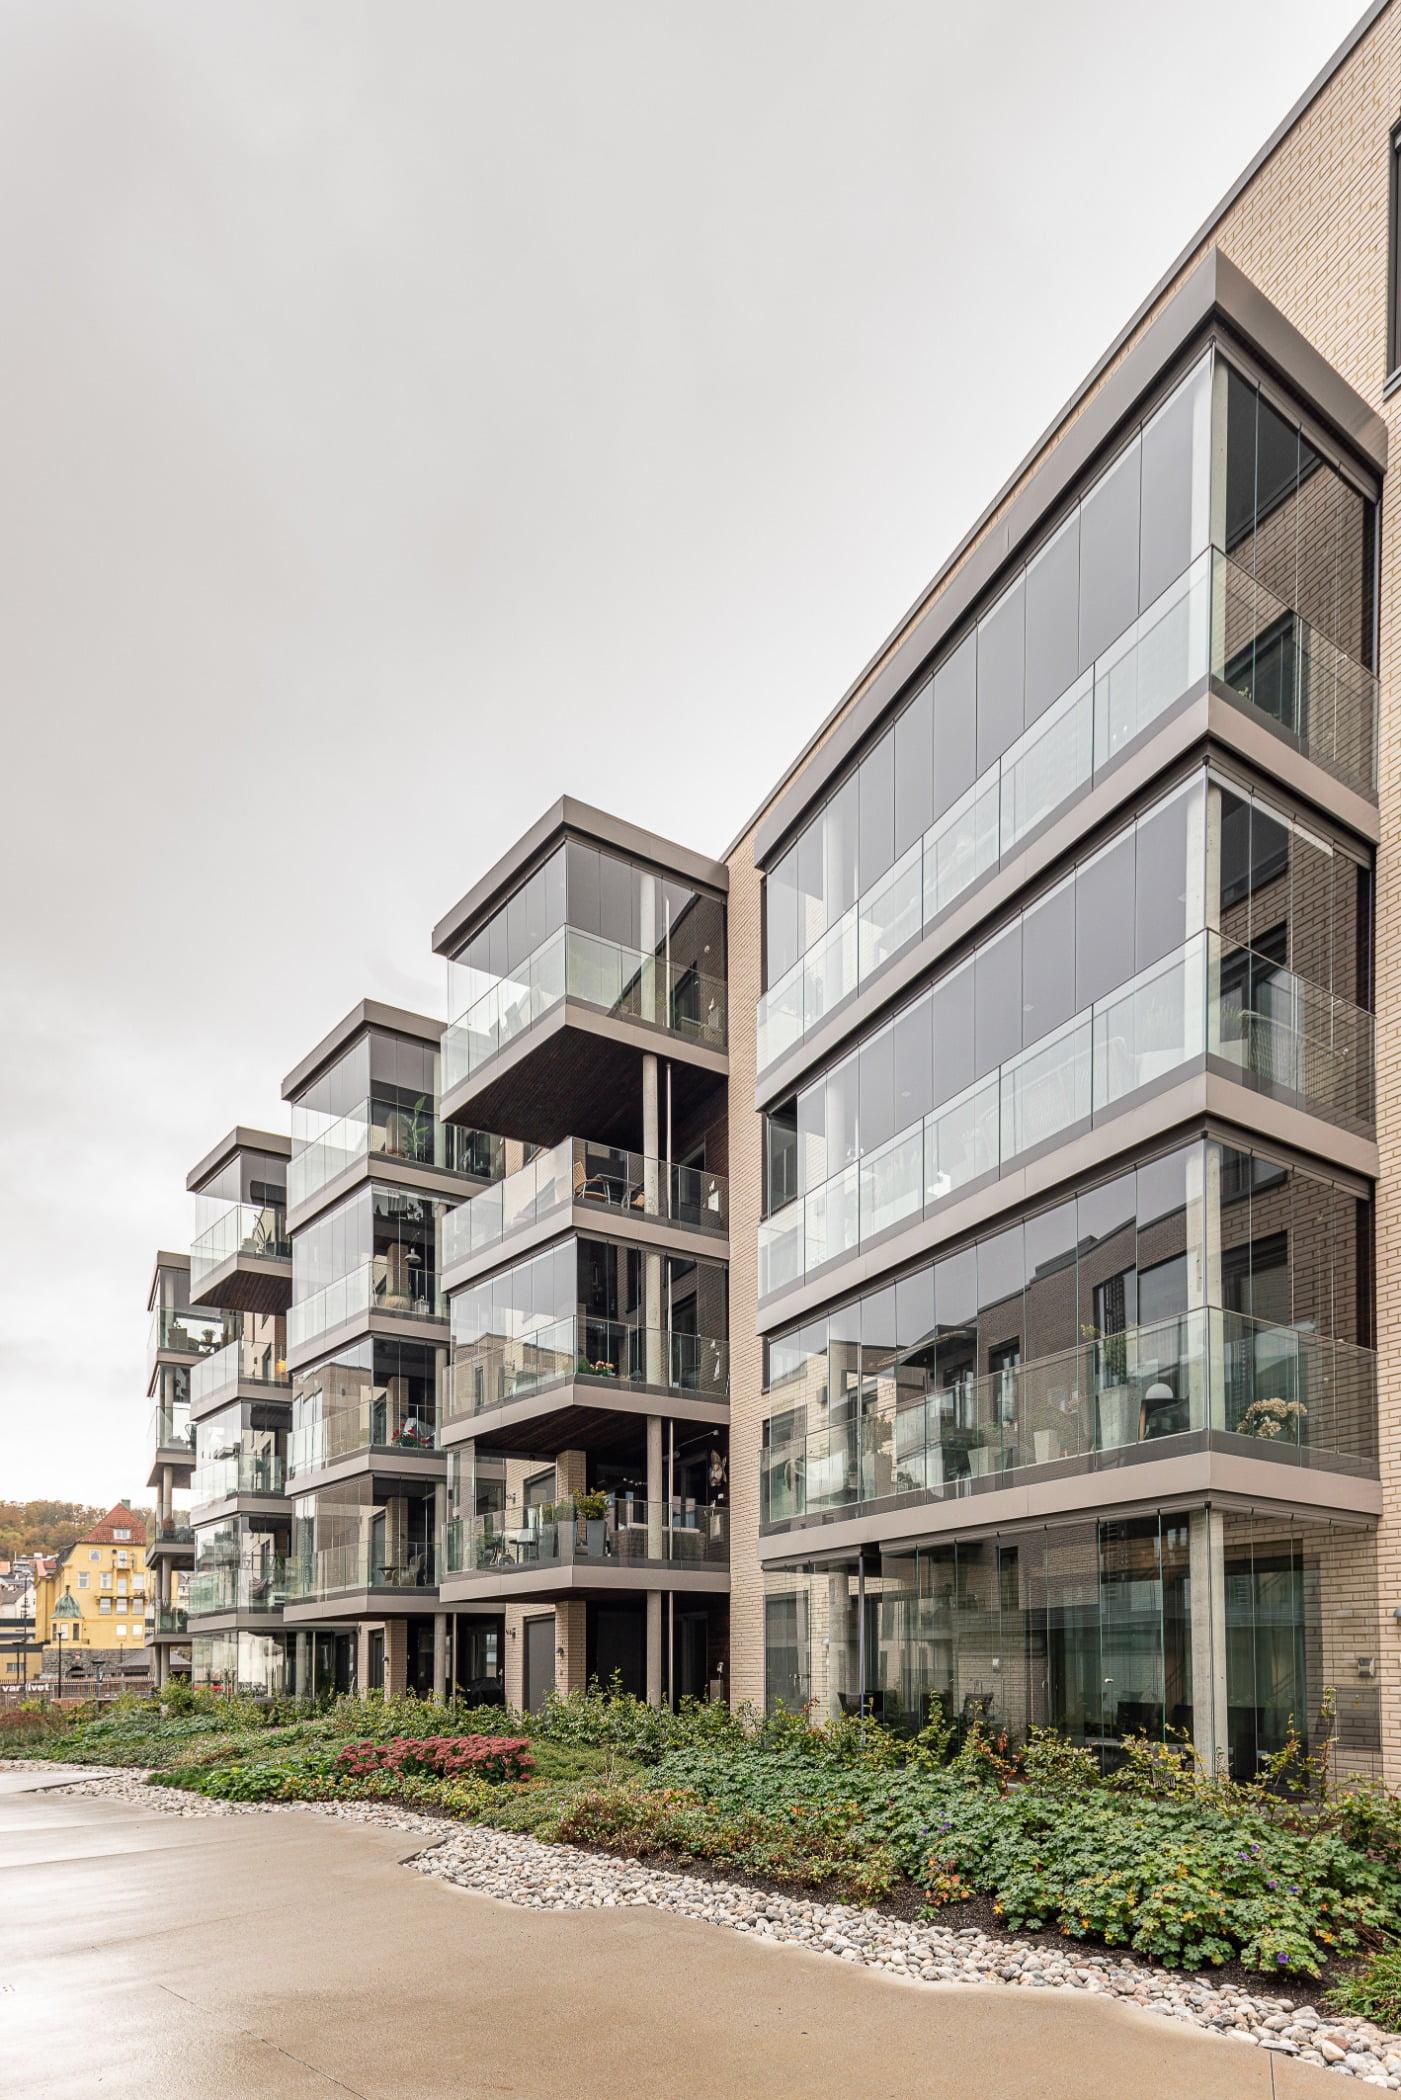 Urban design, Tower block, Residential area, Sky, Building, Property, Plant, Condominium